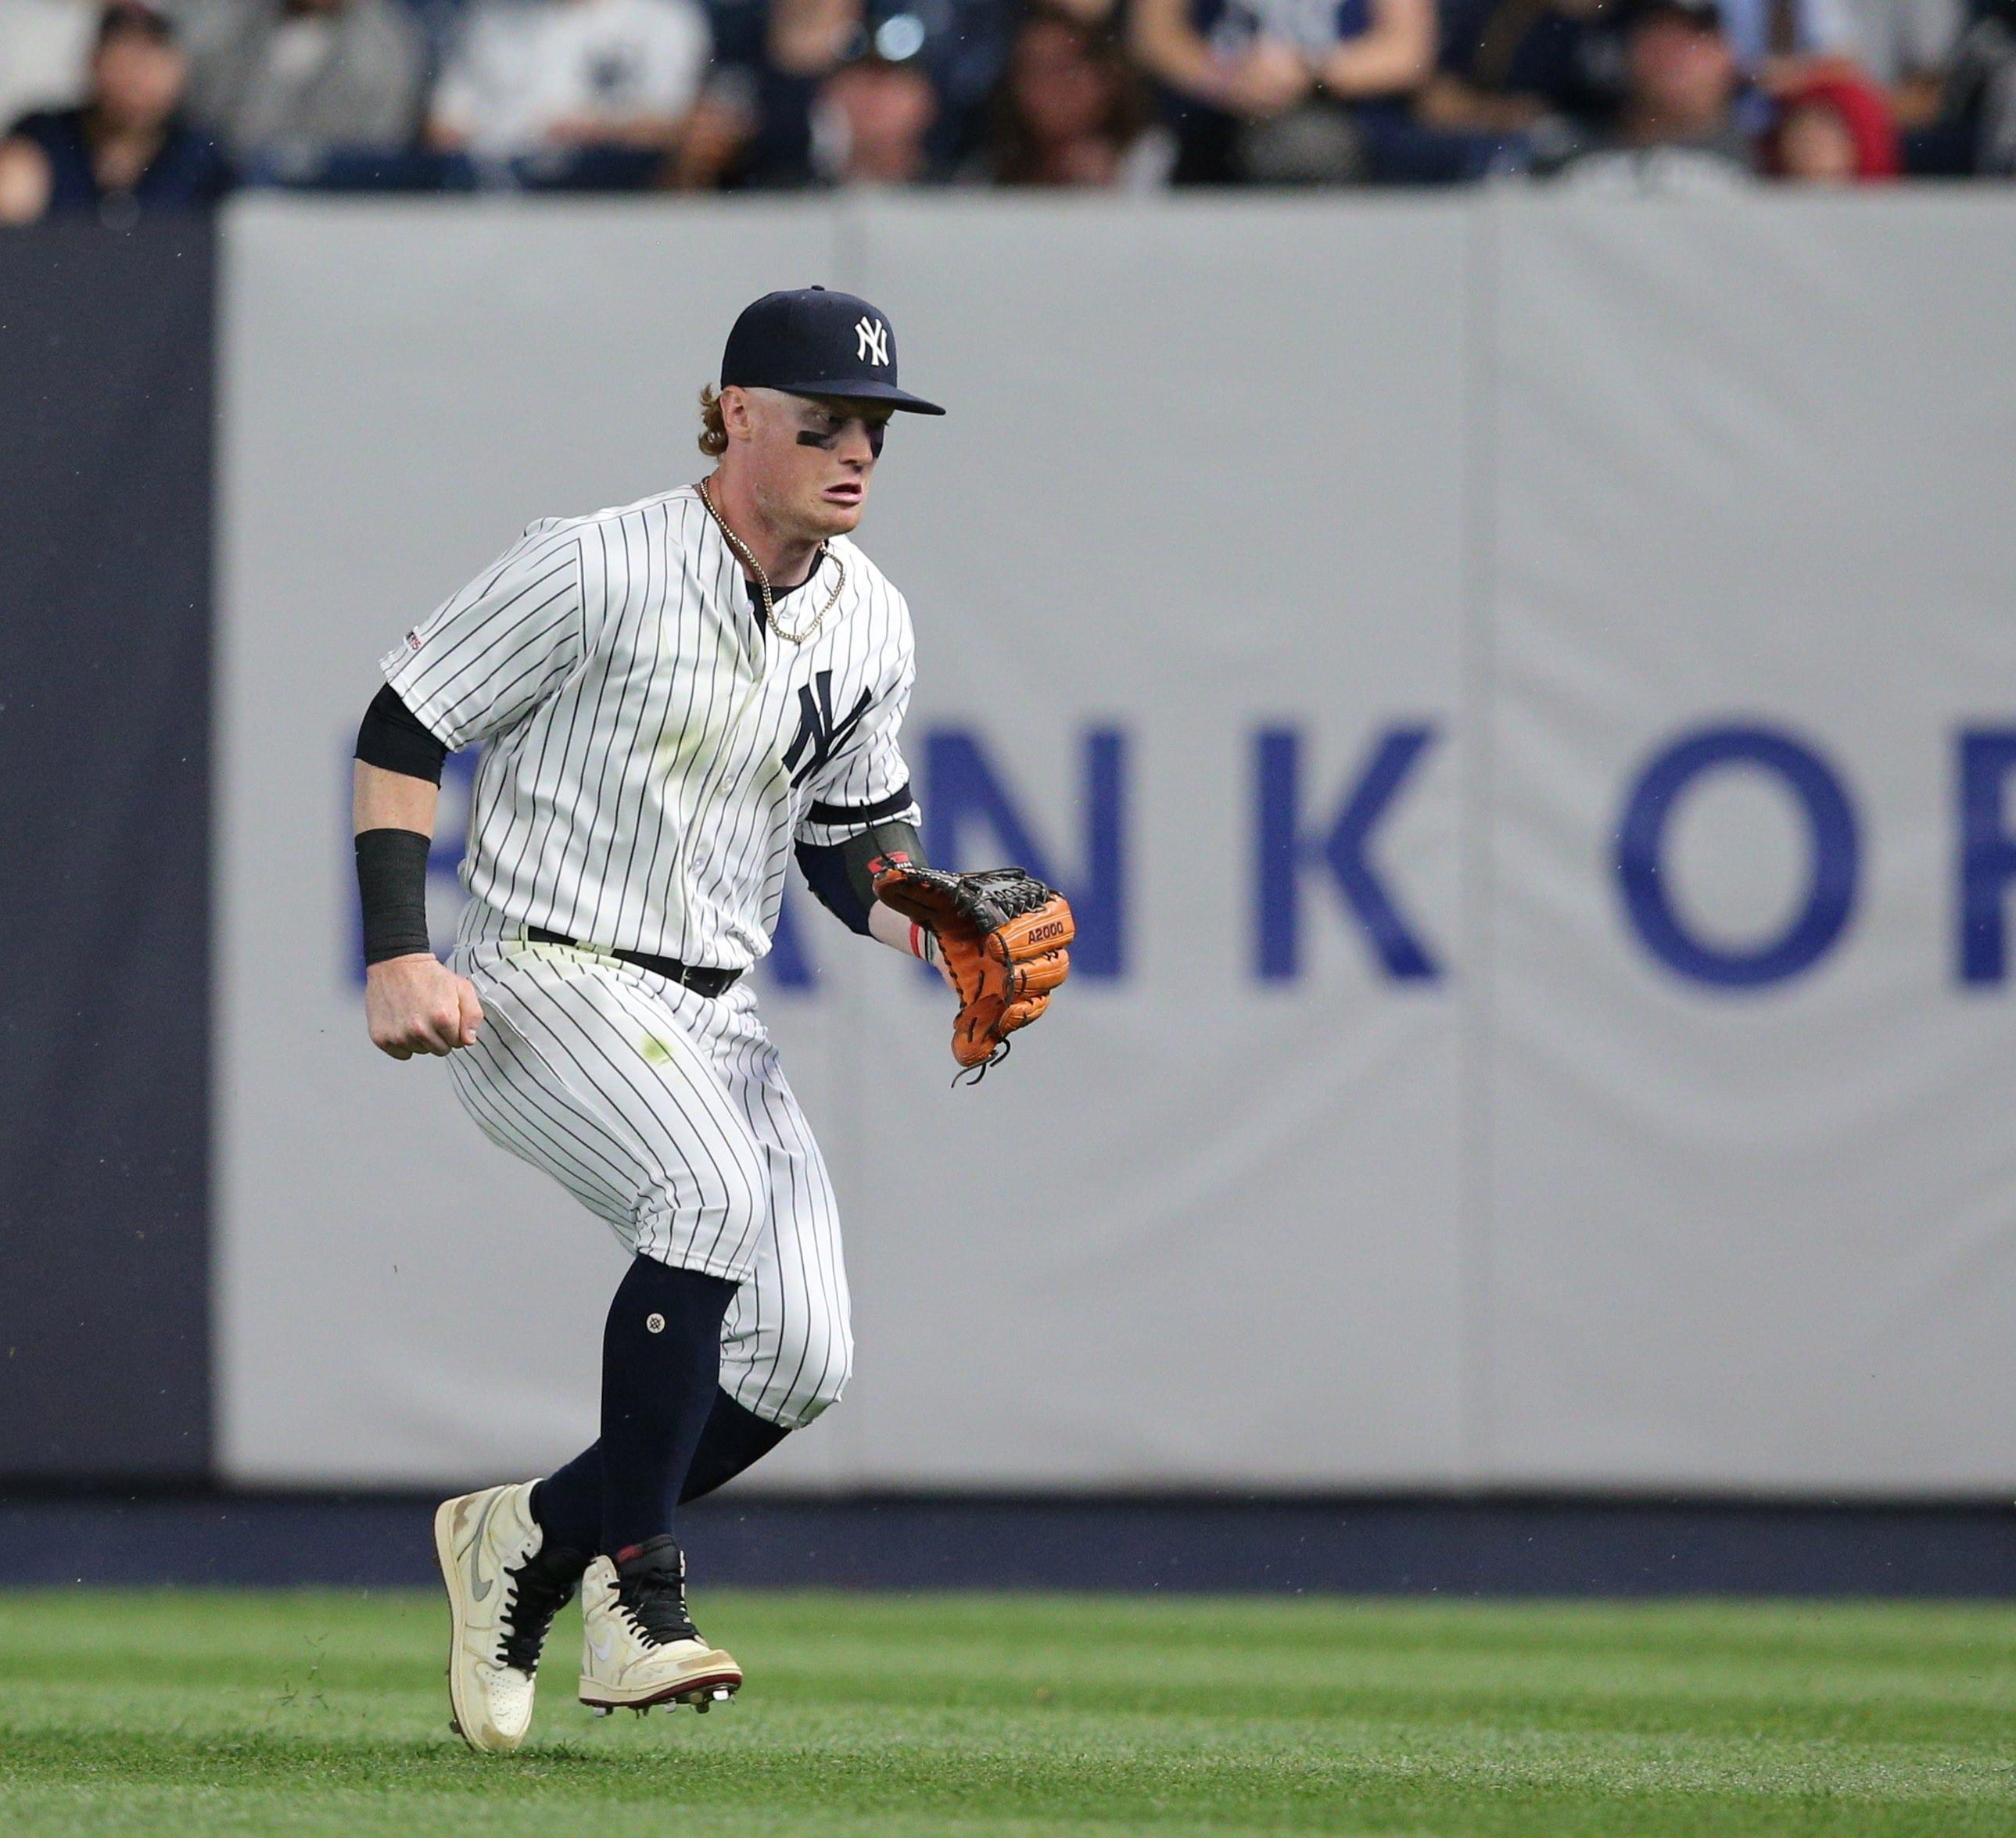 New York Yankees, Clint Frazier